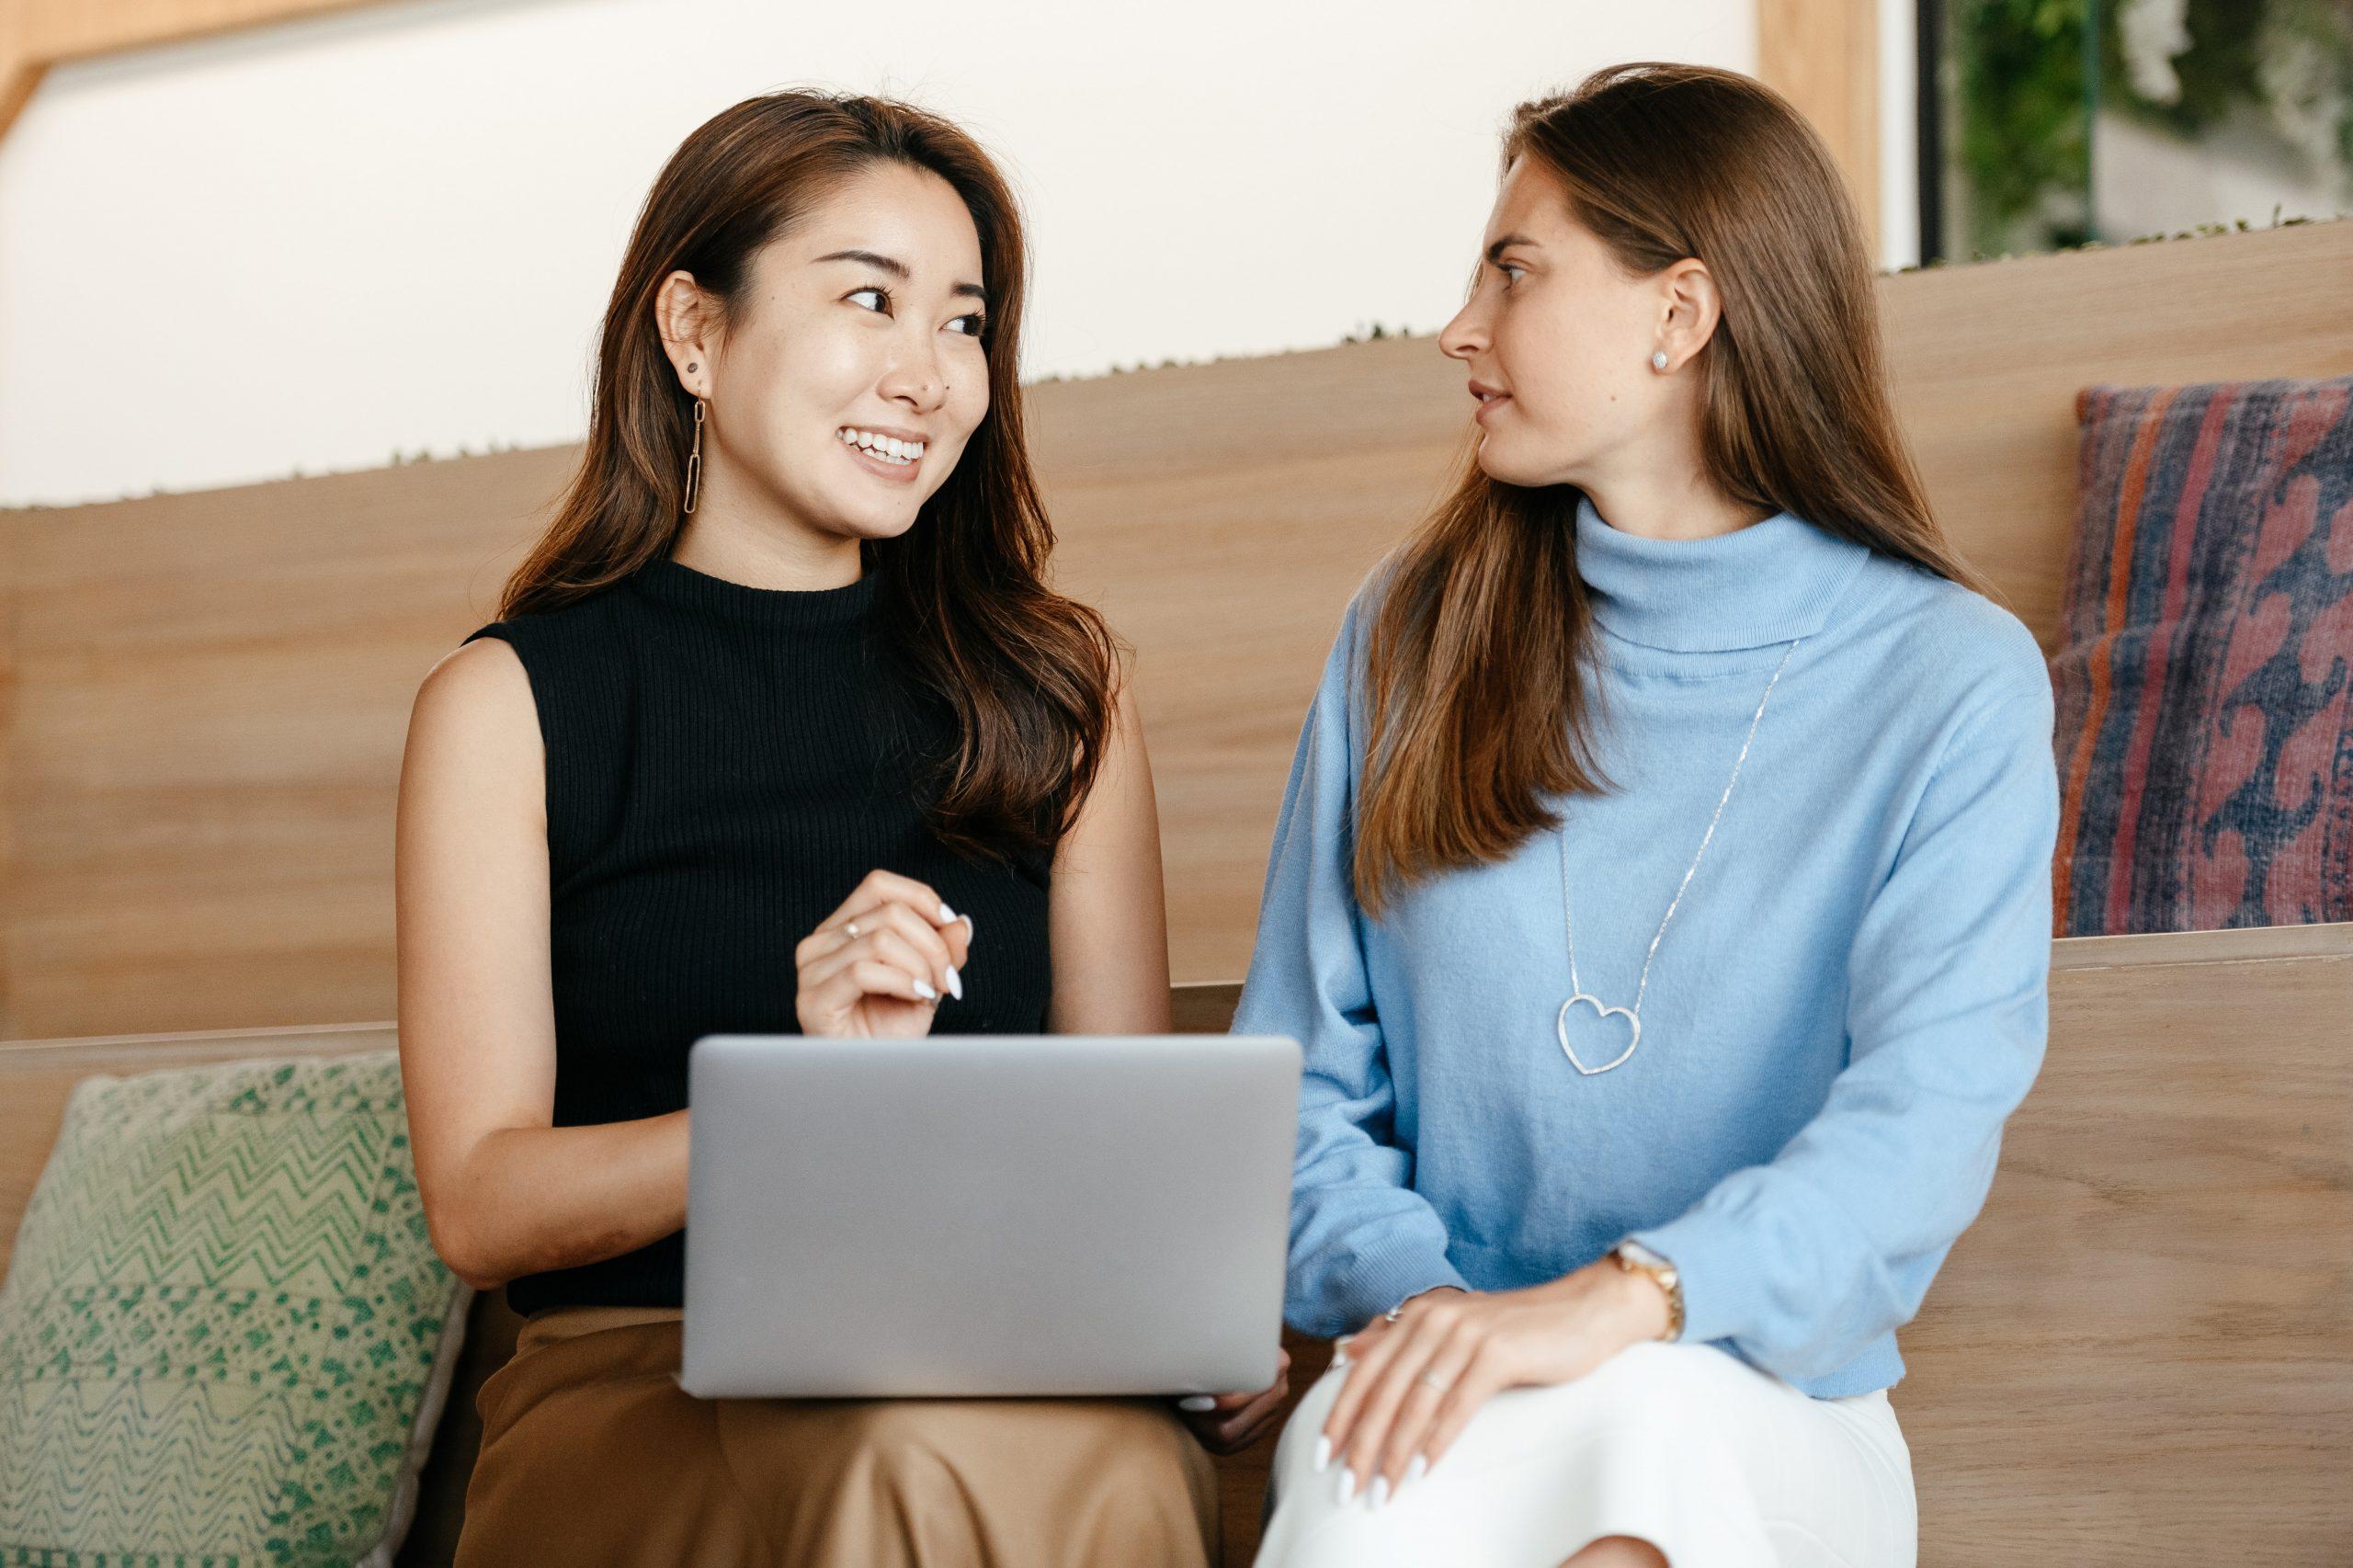 Imagem de duas mulheres conversando.